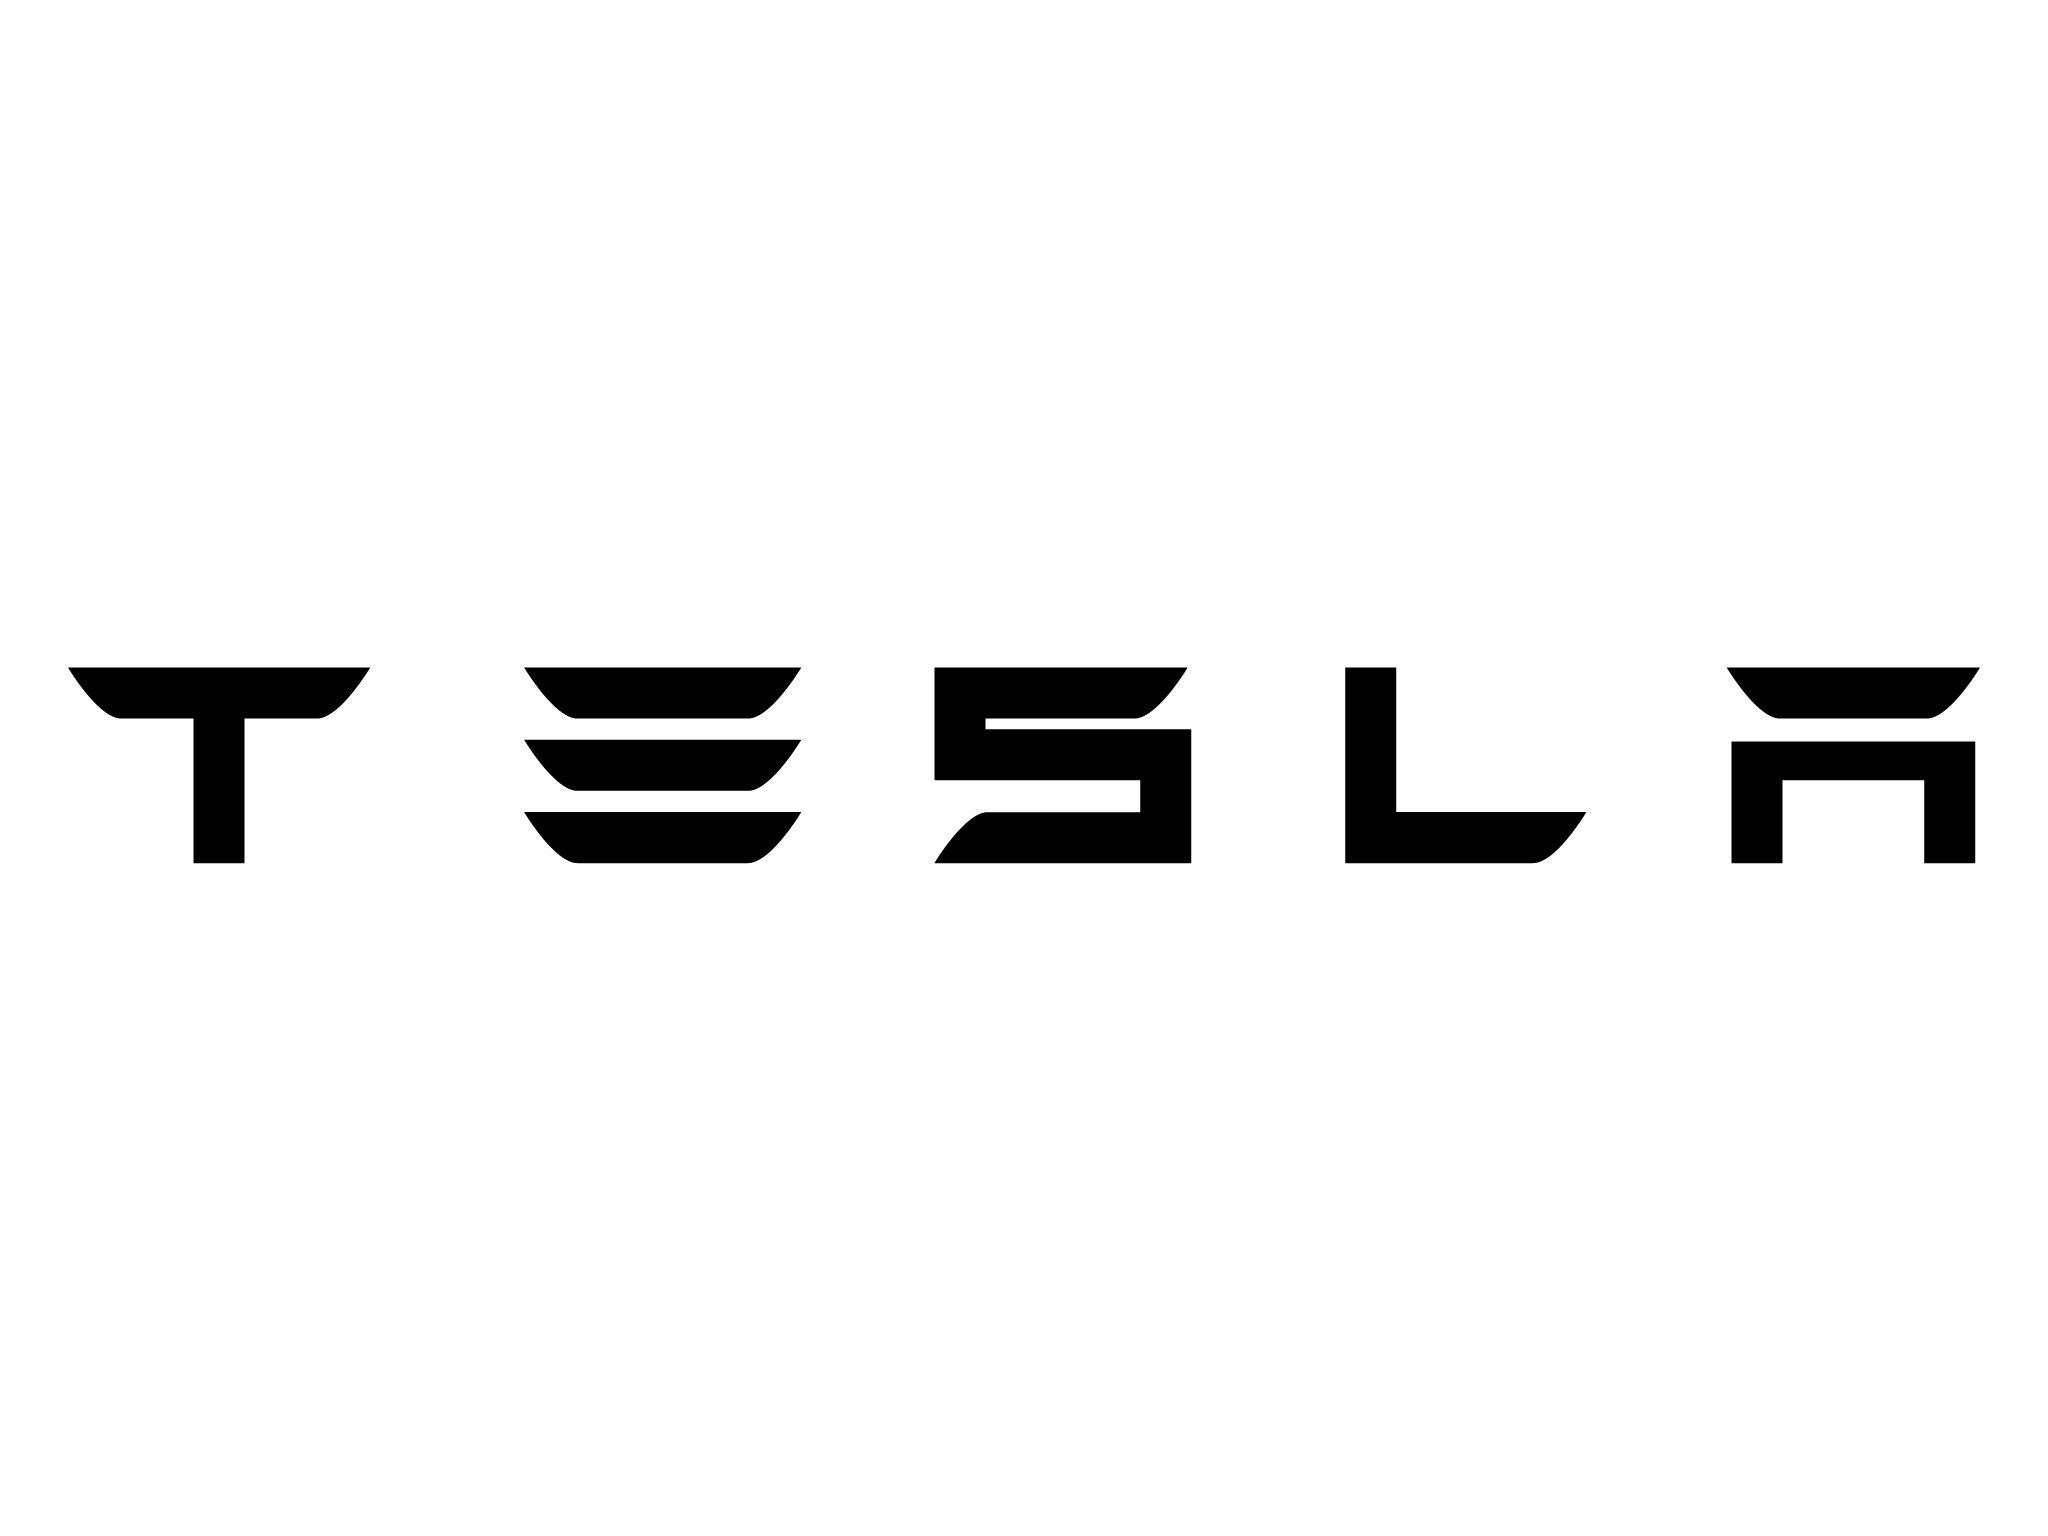 Tesla informatie voor alle modellen